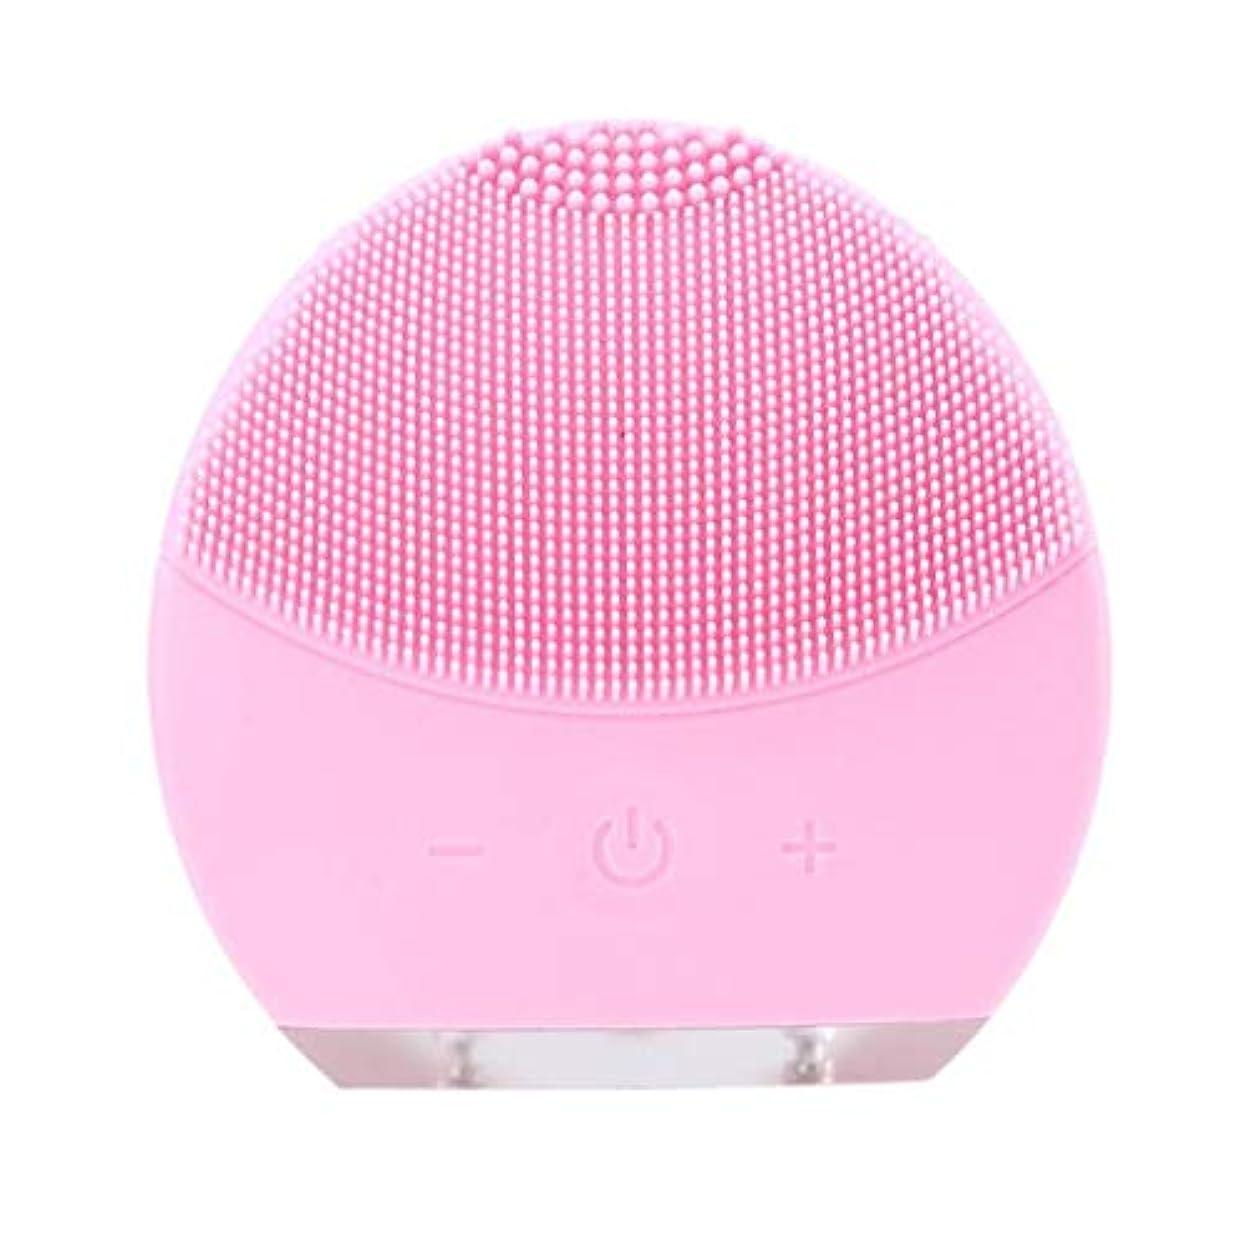 よろしくせがむサーキットに行く超音波振動美容機器洗浄器、皮膚の毛穴を最小限に抑えるマイクロダーマブレーション毛穴、USB 充電と防水,Pink